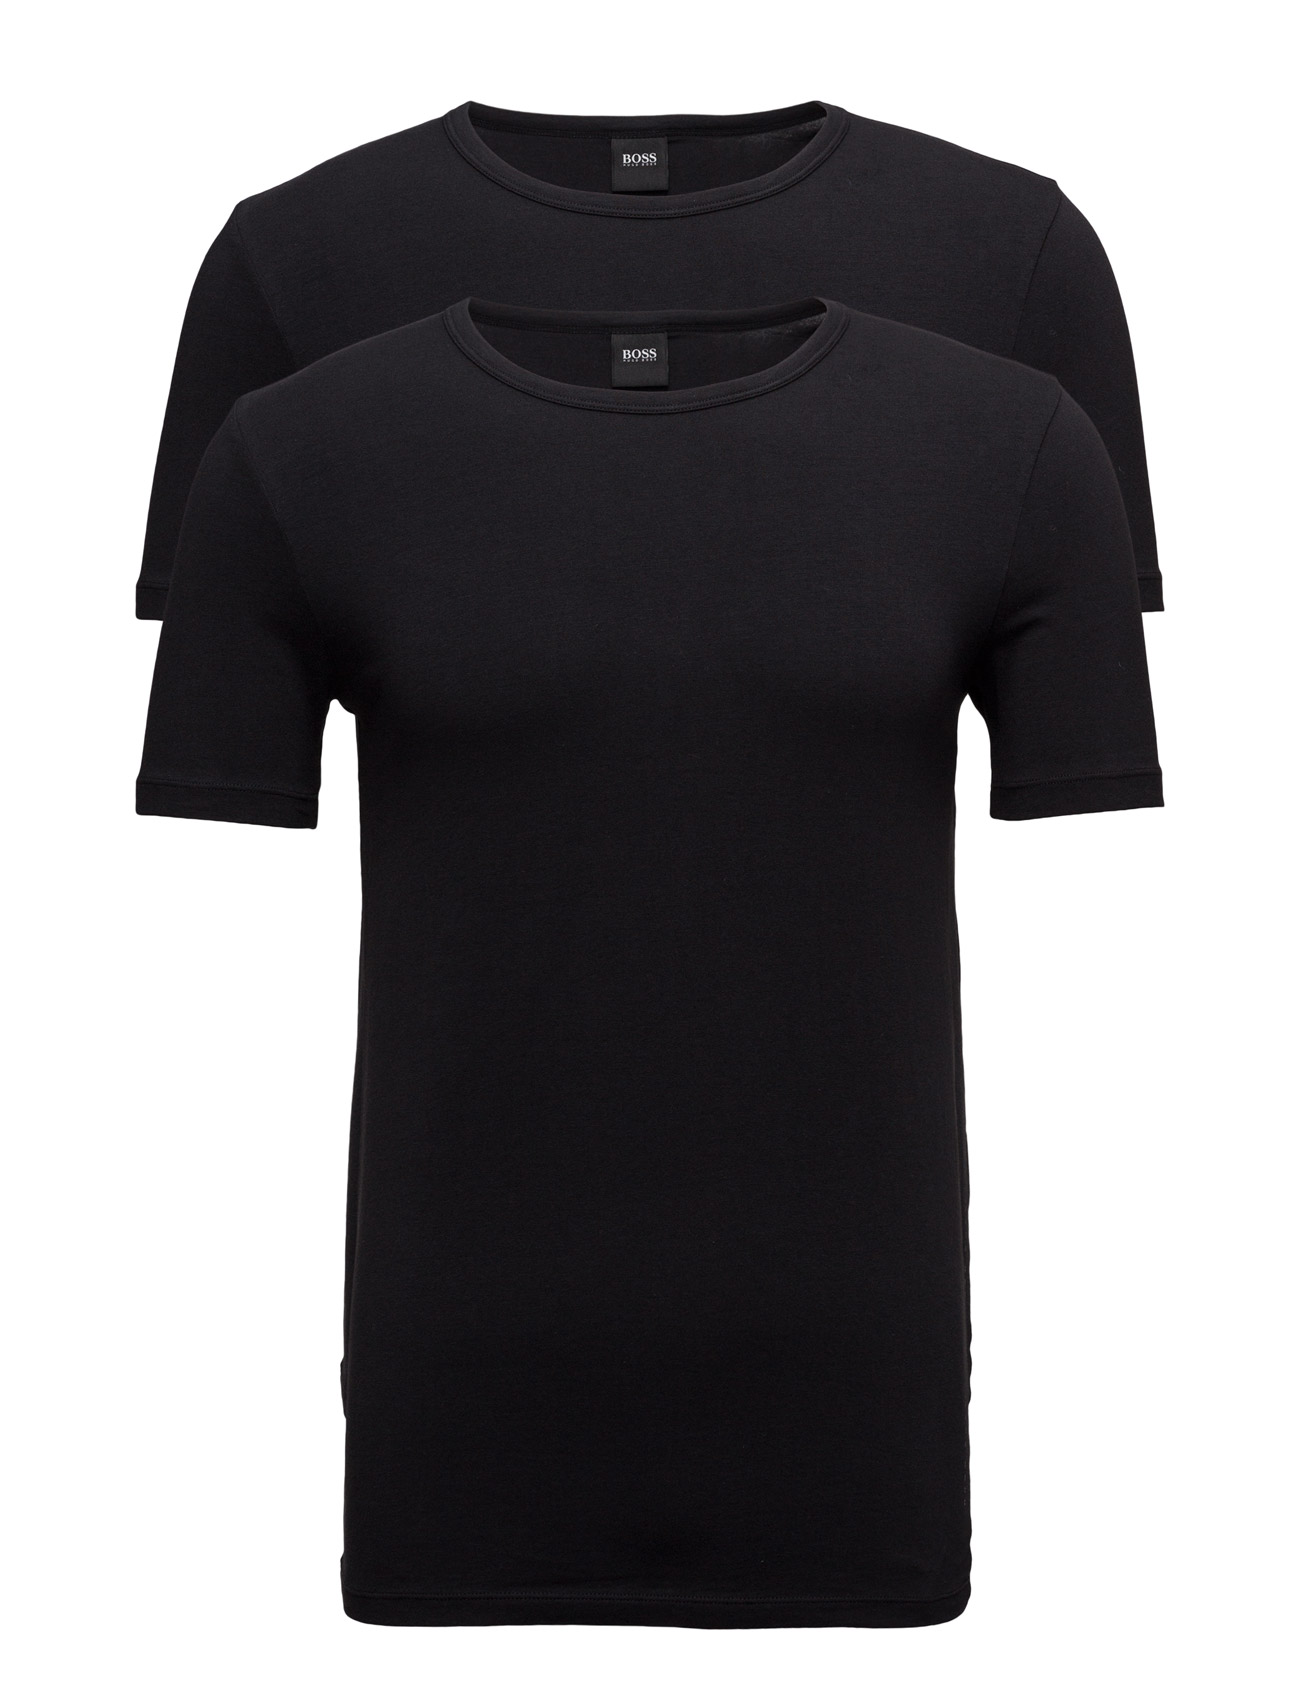 T-Shirt Rn 2p Co/El BOSS T-shirts til Mænd i hvid